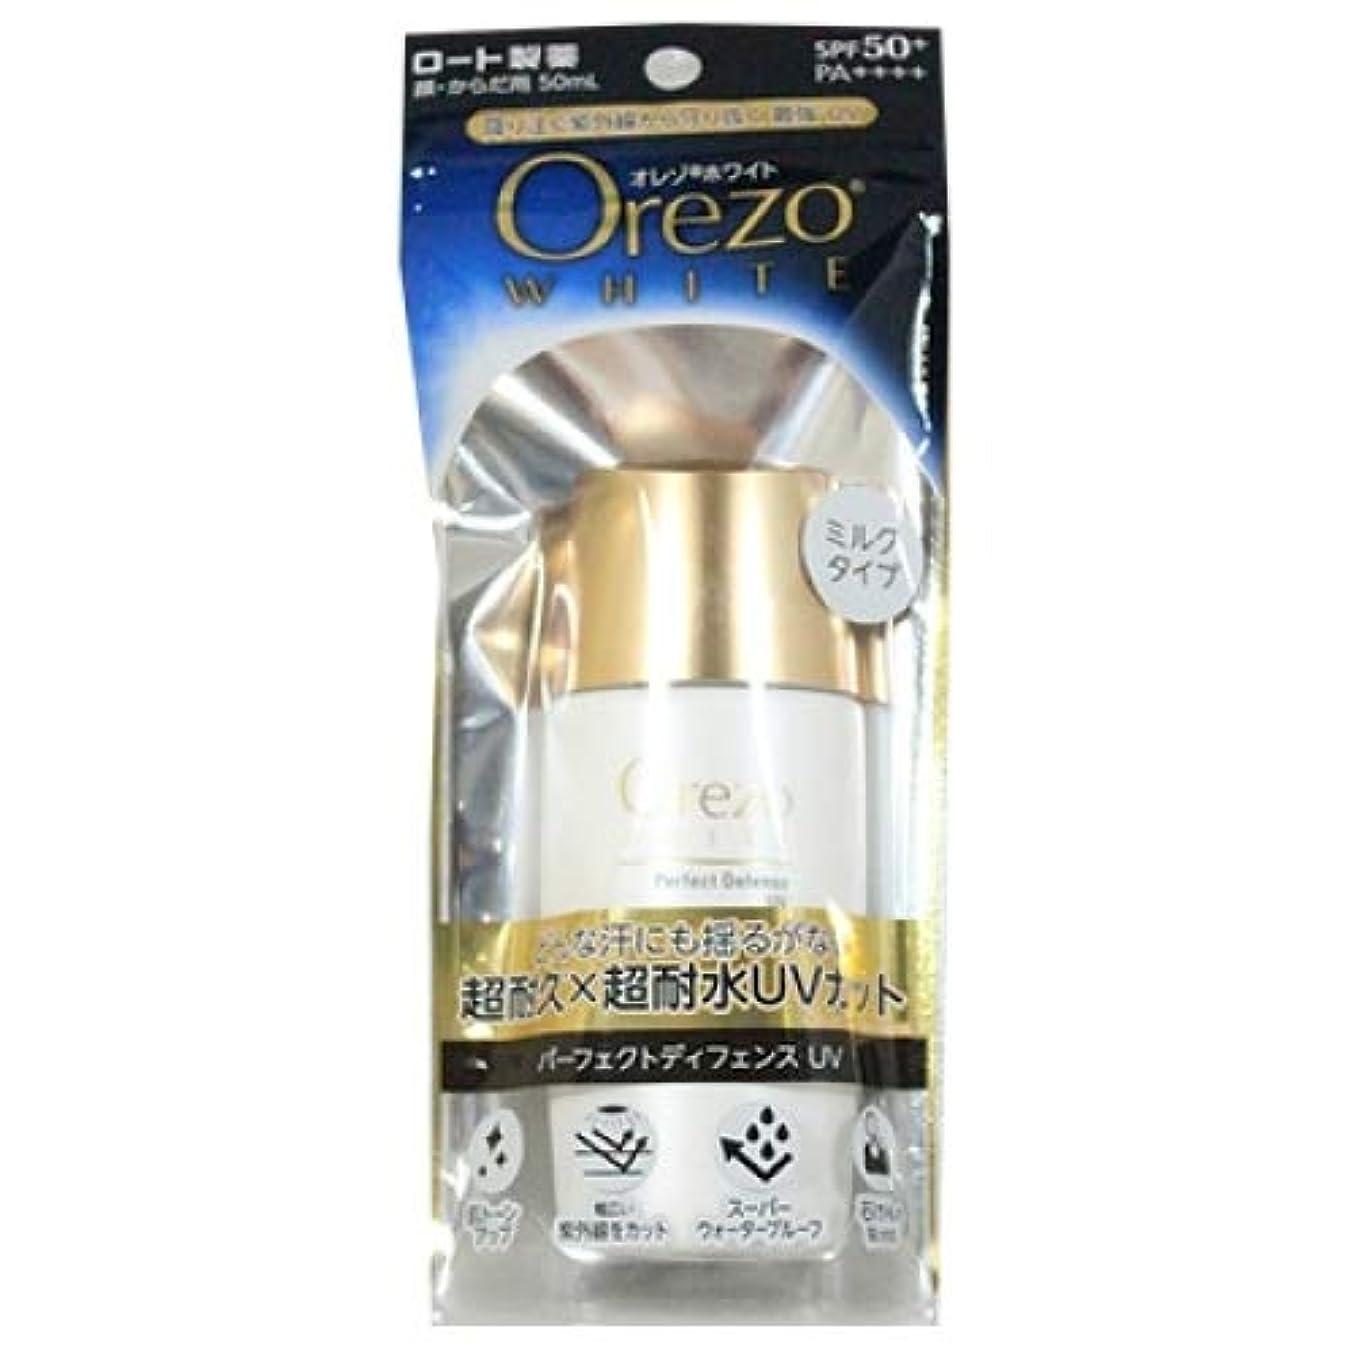 ダイエットセントひどいロート製薬 Orezo オレゾ ホワイト パーフェクトディフェンスUVa SPF50+ PA++++ (50mL)